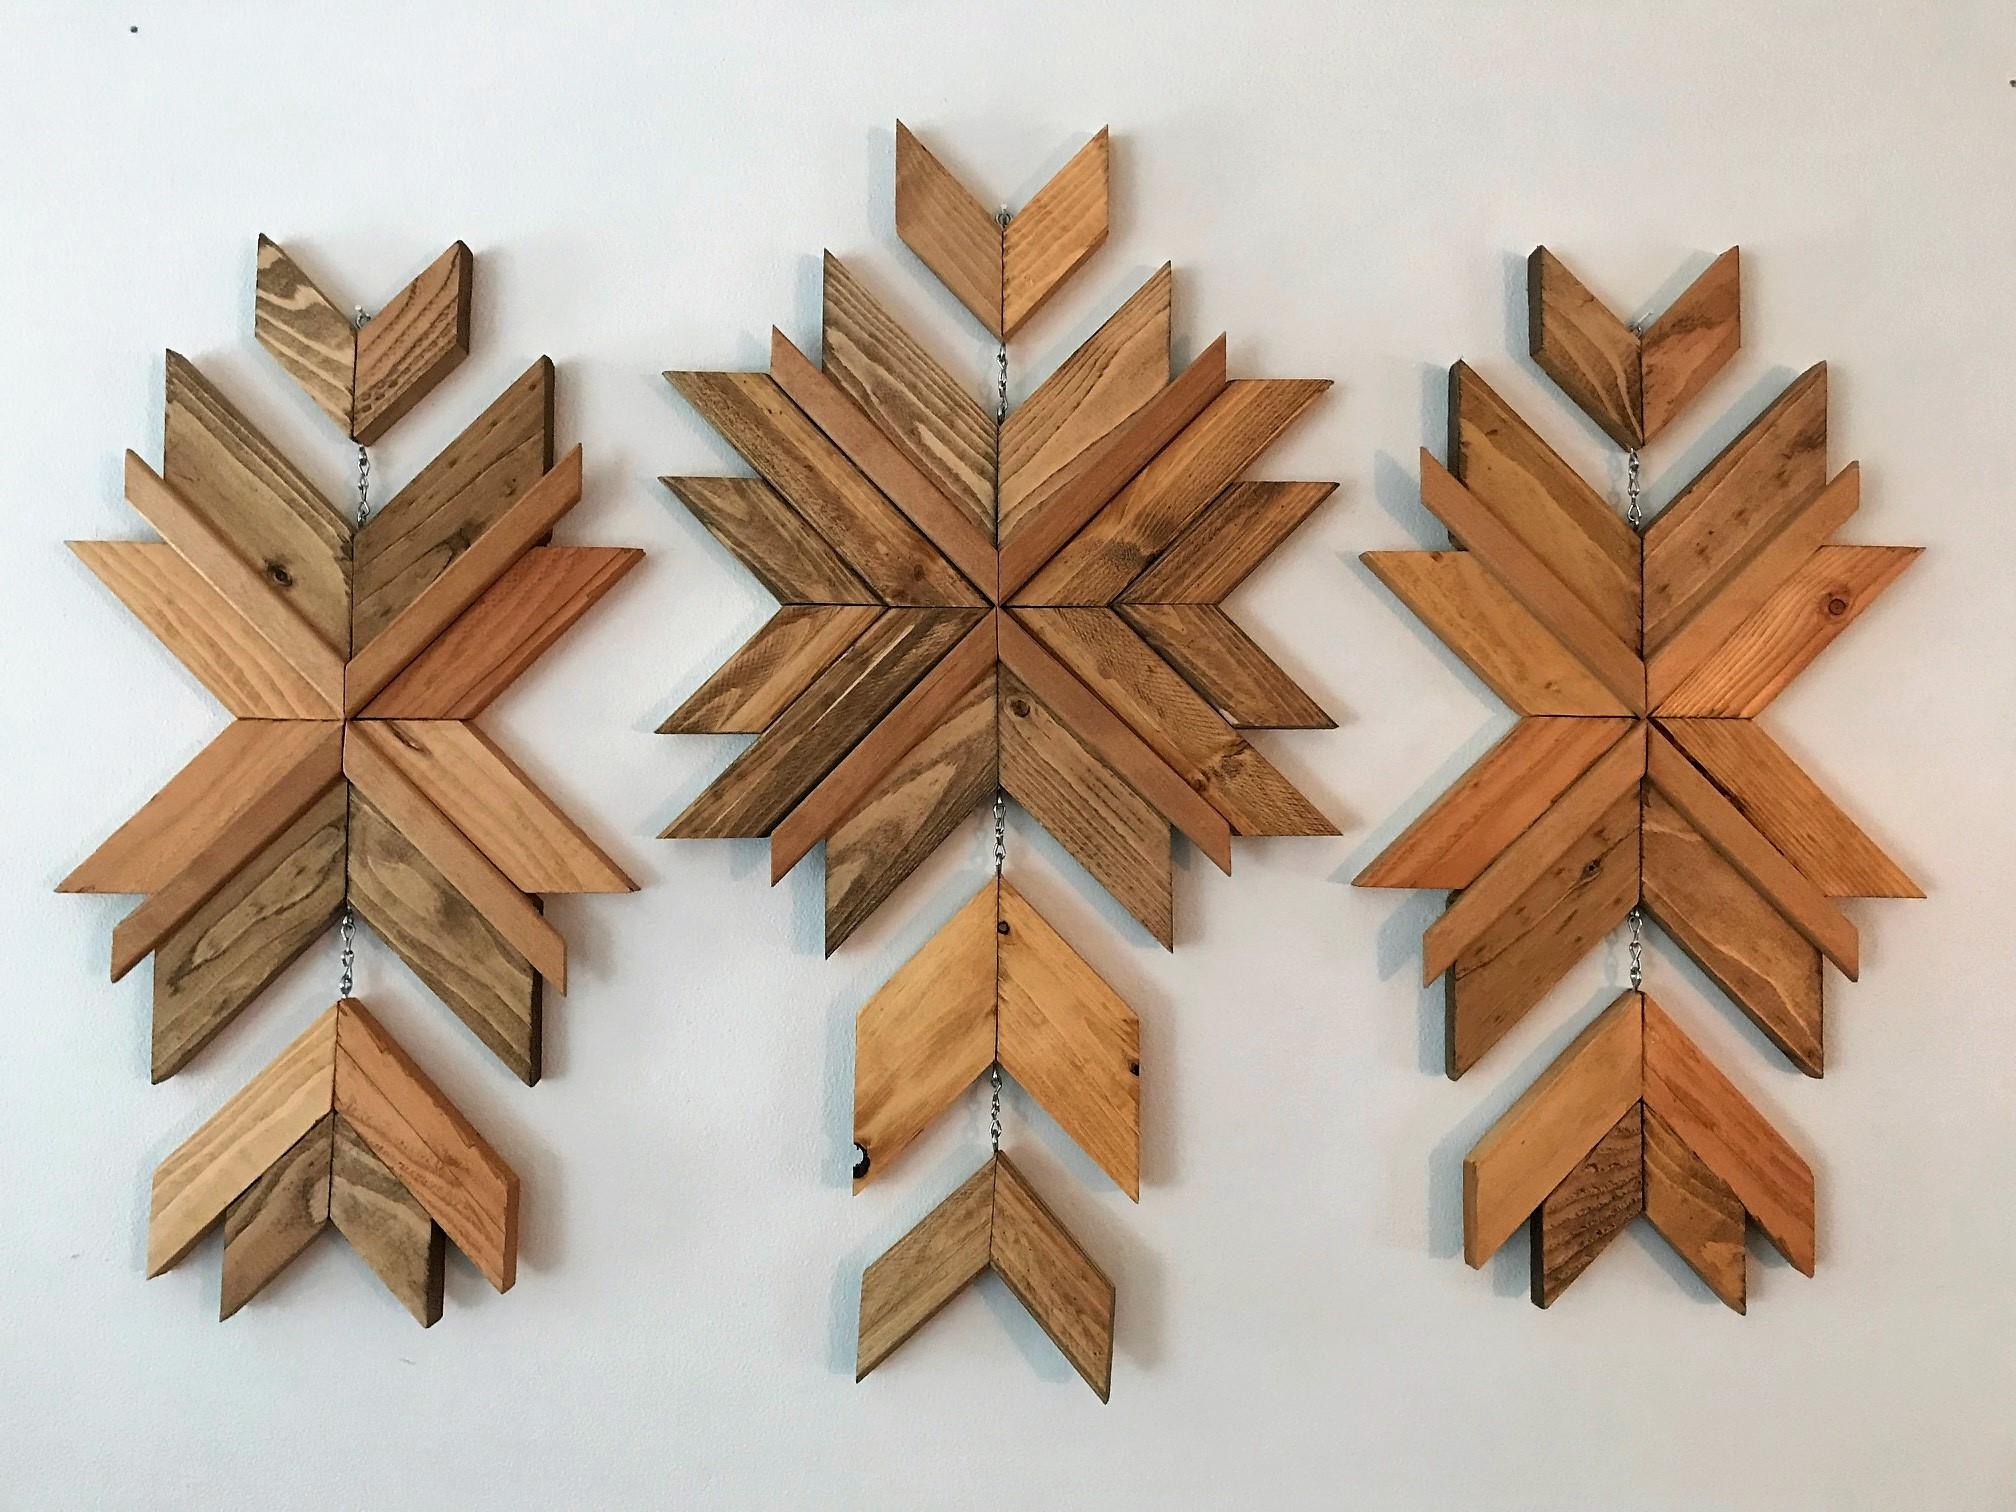 Wooden Starbursts 1.jpg